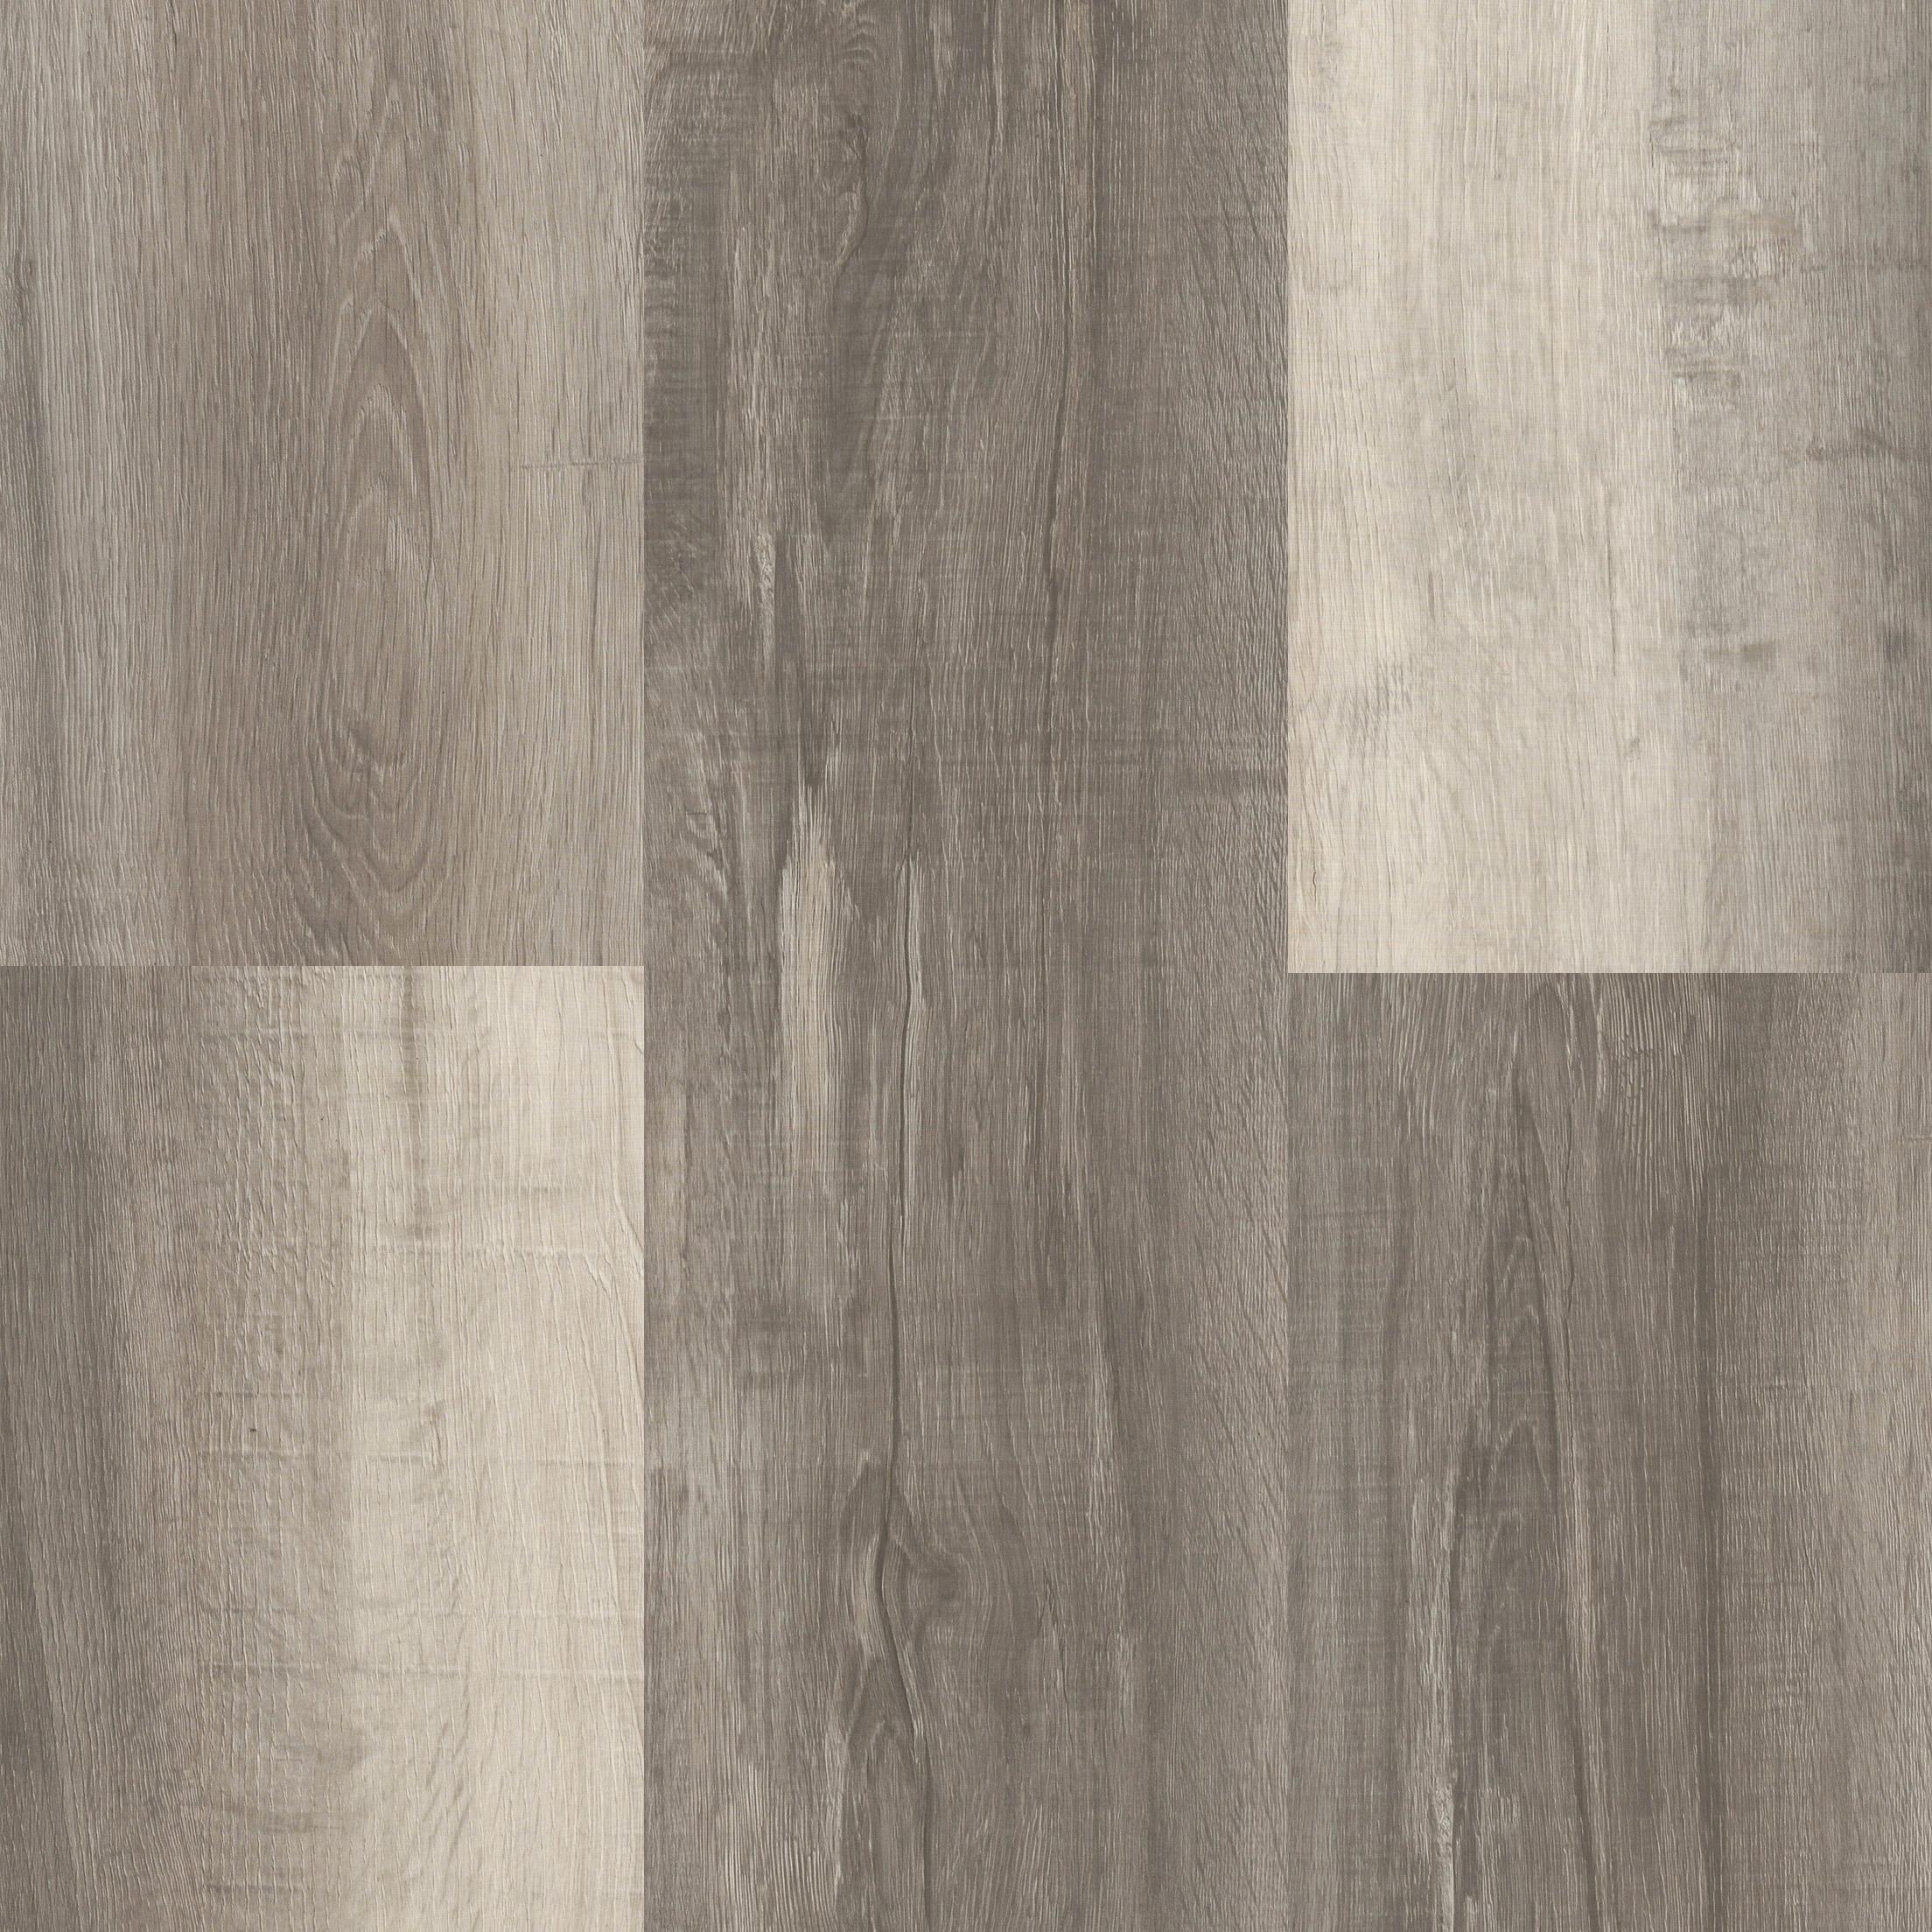 Supreme Elite Freedom Gold Series 7 Norwegian Oak Waterproof Loose Lay Vinyl Plank